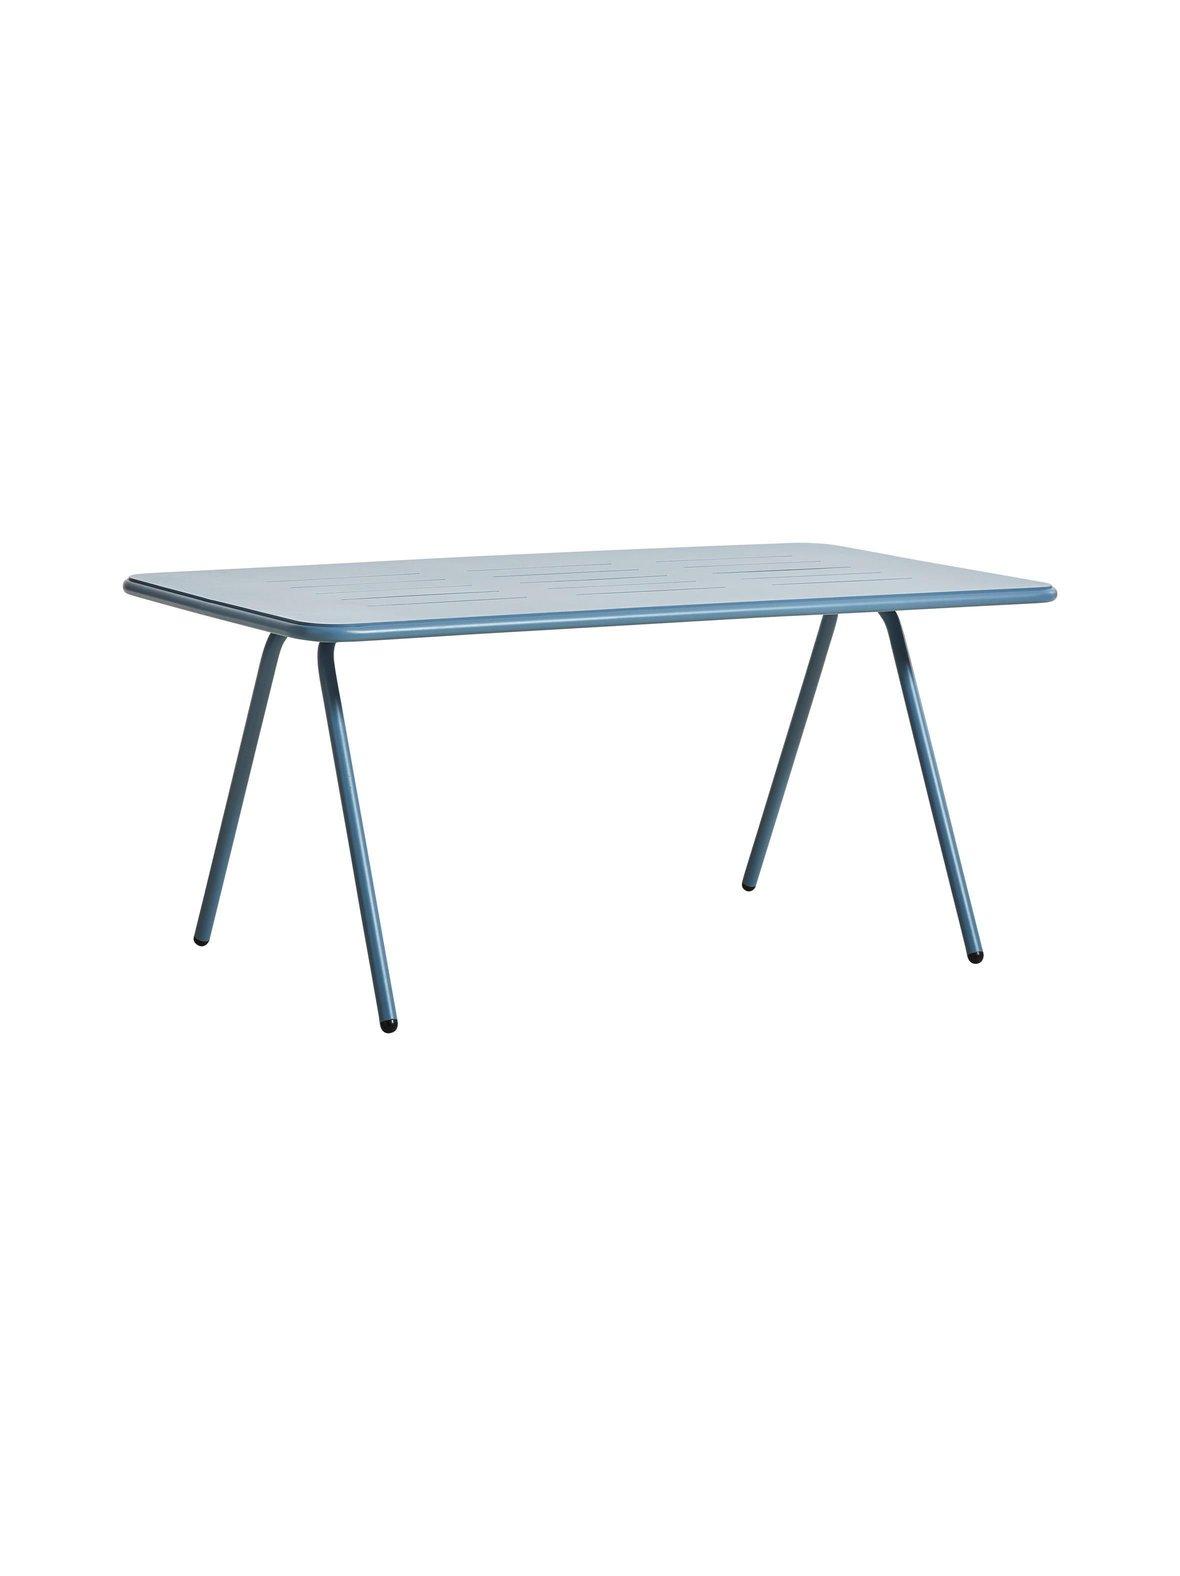 RAY Dining Table pöytä 160 x 85 cm